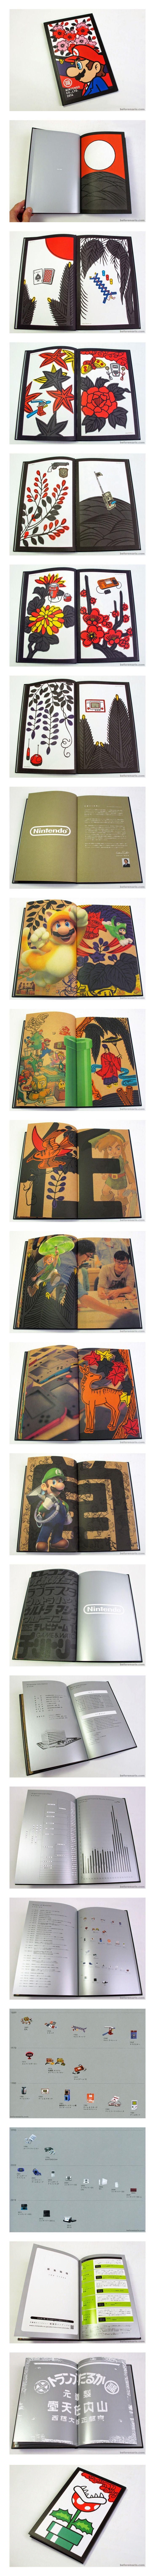 任天堂 求職者向け 会社案内パンフレット (2014) | Nintendo Recruiting Brochure (2014)